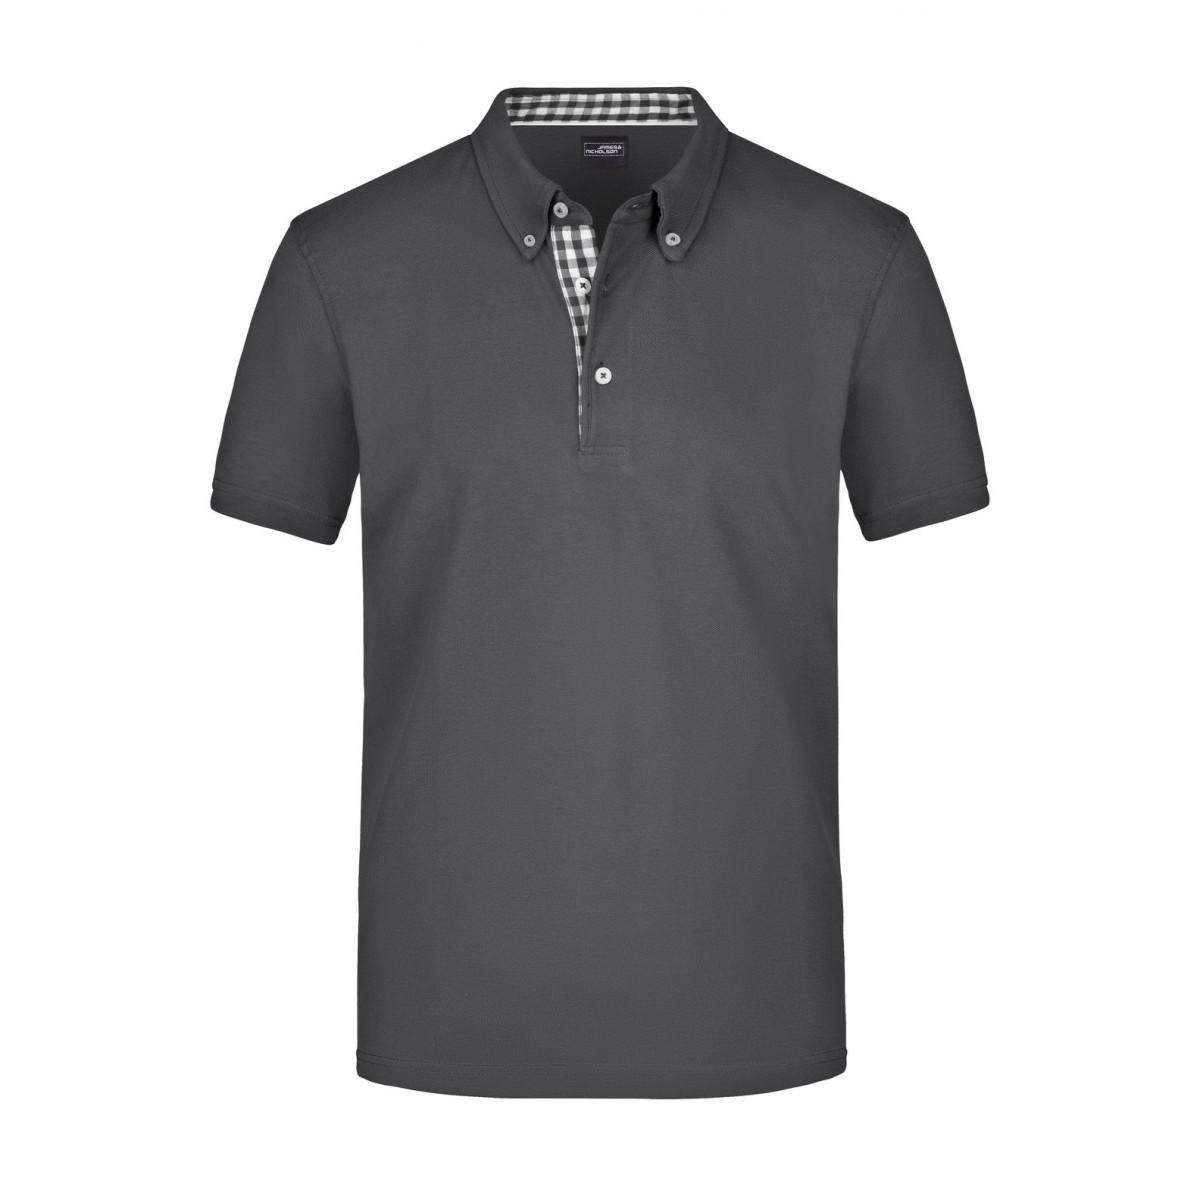 Рубашка поло мужская JN964 Mens Plain Polo - Темно-серый/Темно-серый-Белый